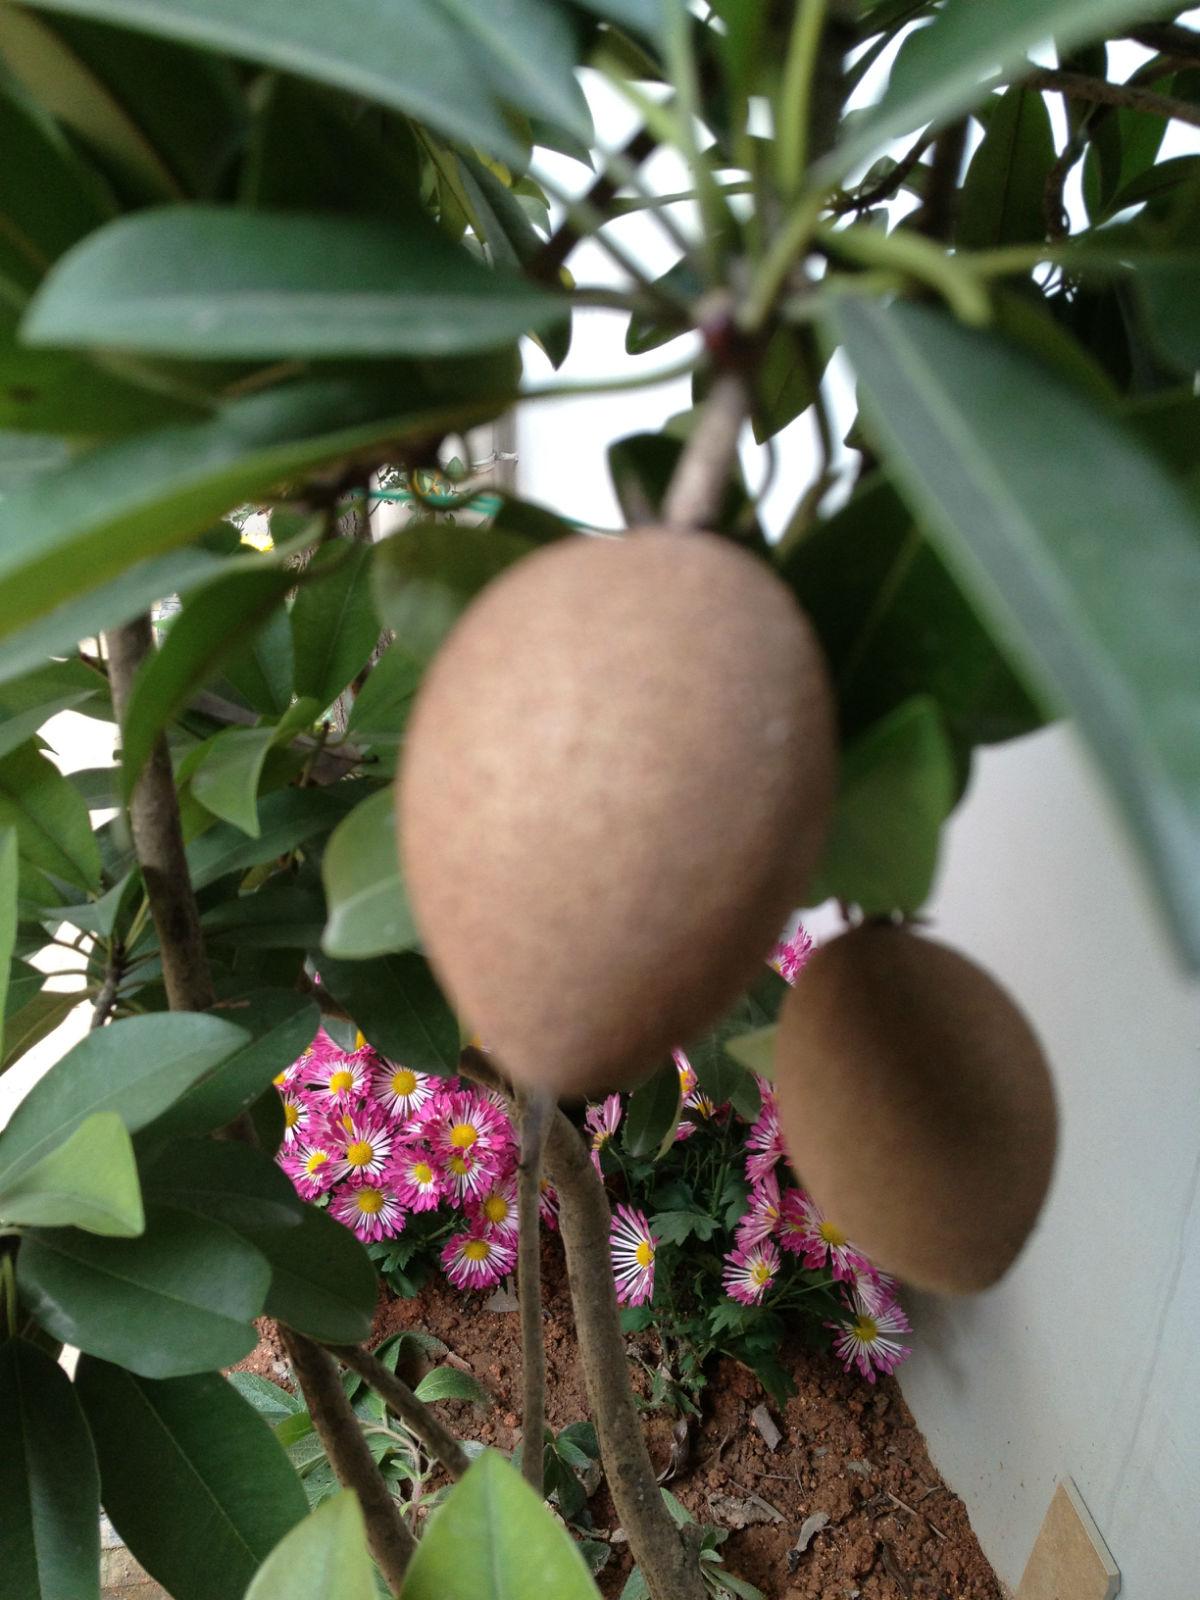 代发帖:转柠檬树,人参果树